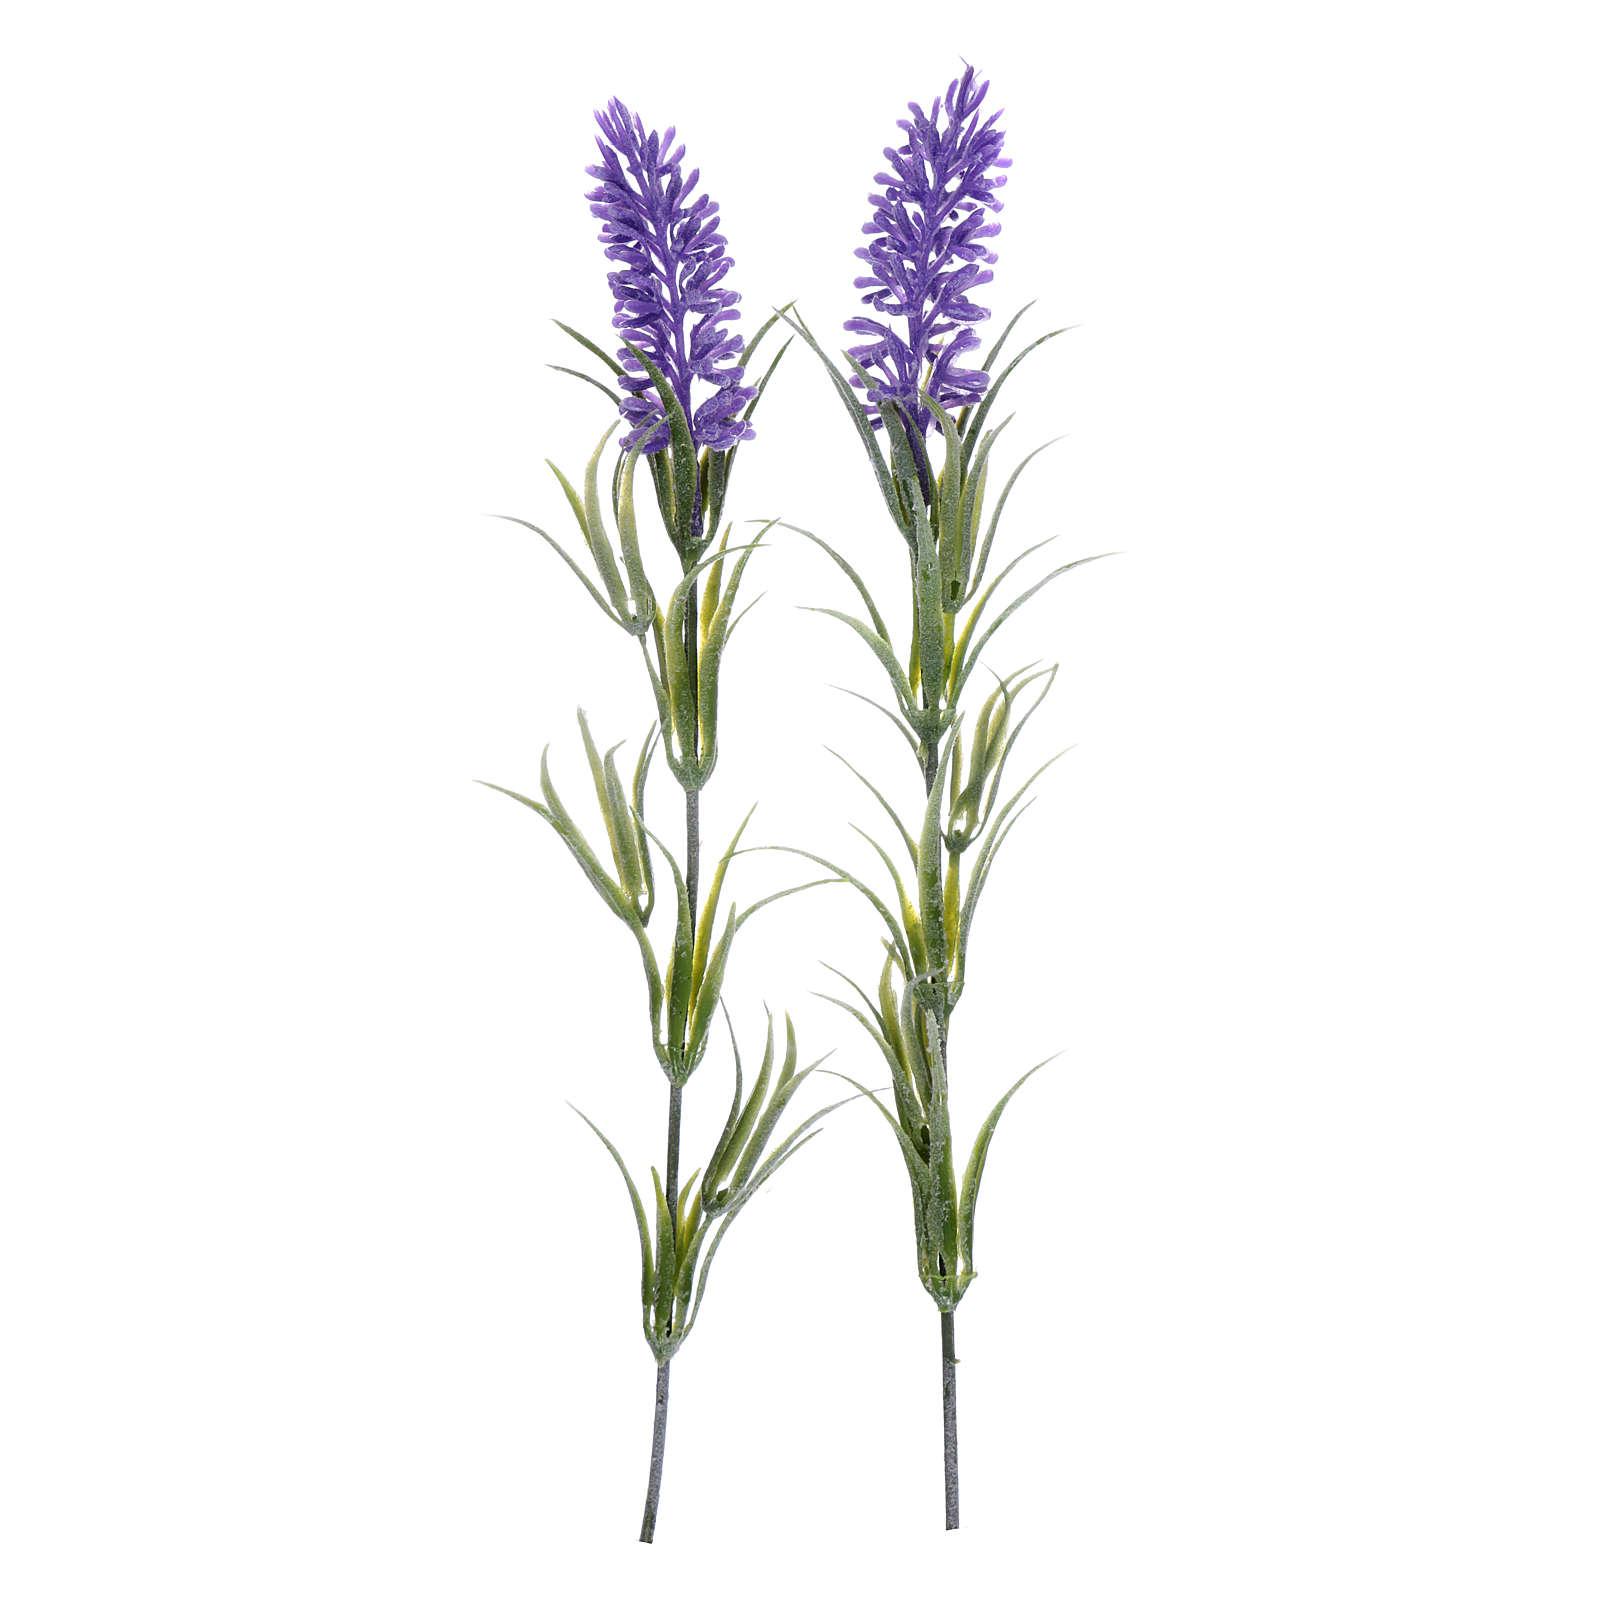 Kwiaty lawendy do szopki 4